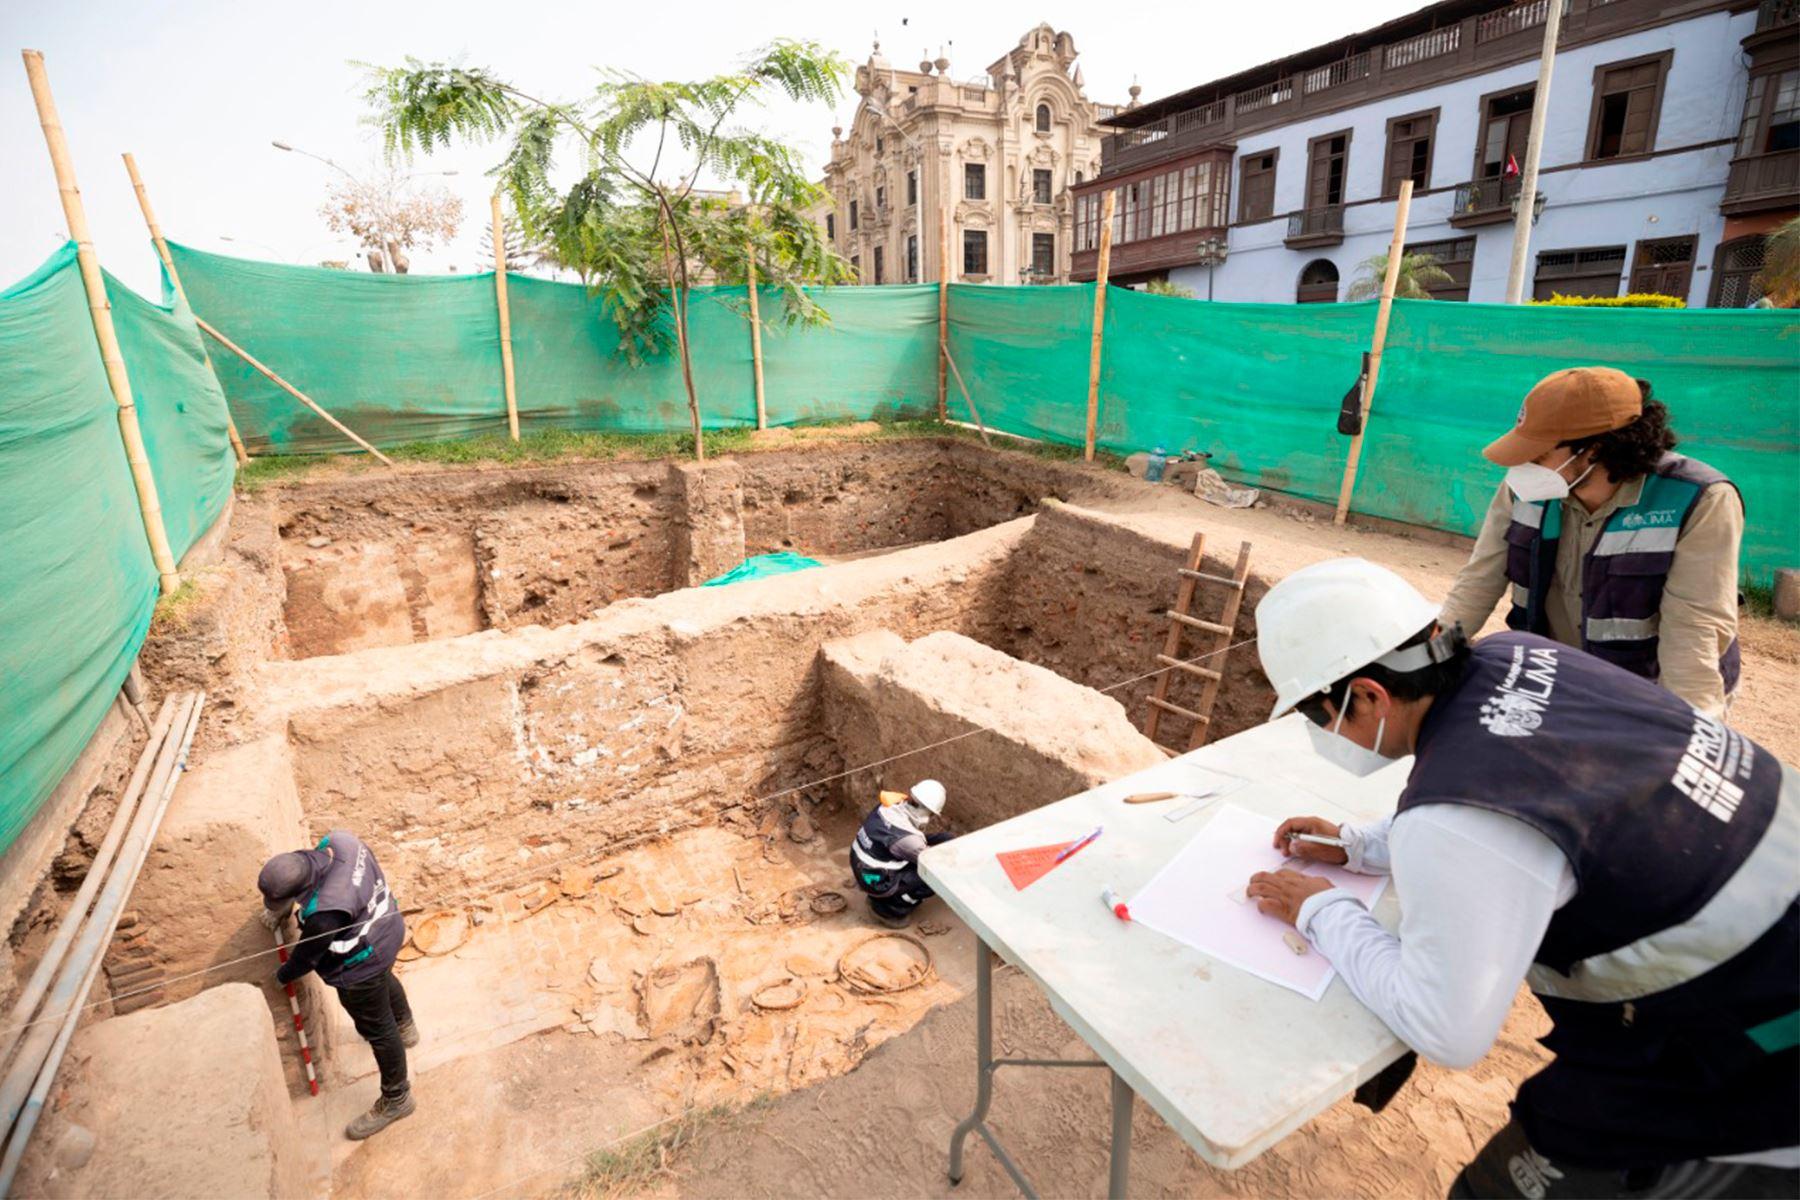 atencion-hallan-restos-arqueologicos-debajo-de-la-alameda-chabuca-granda